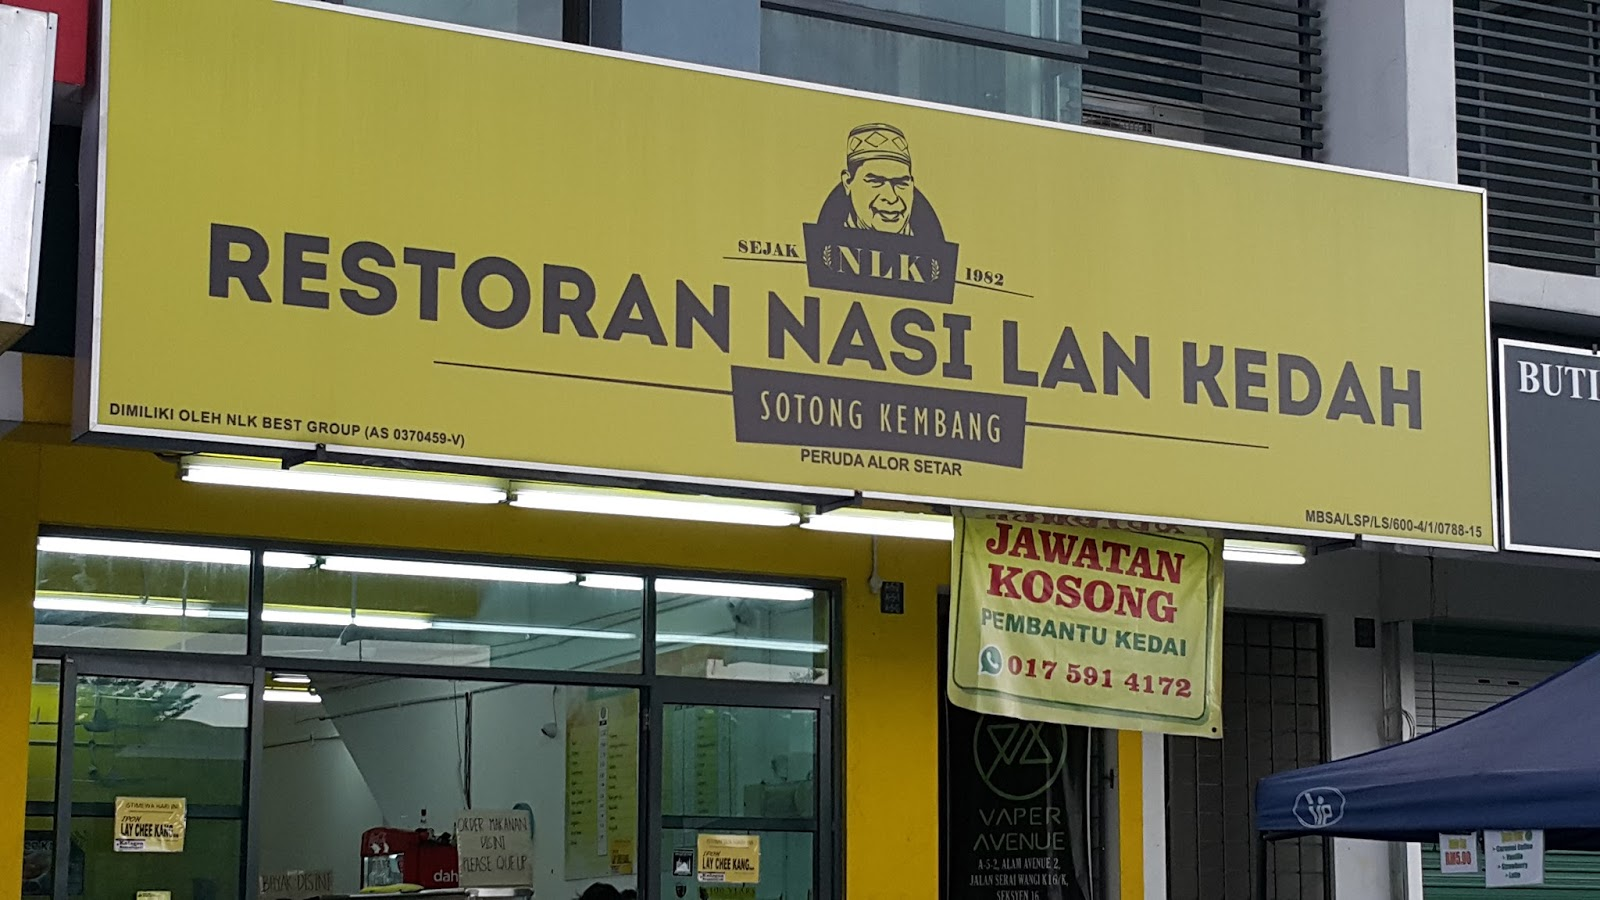 Tempat Makan Best di Shah Alam: Nasi lan kedah